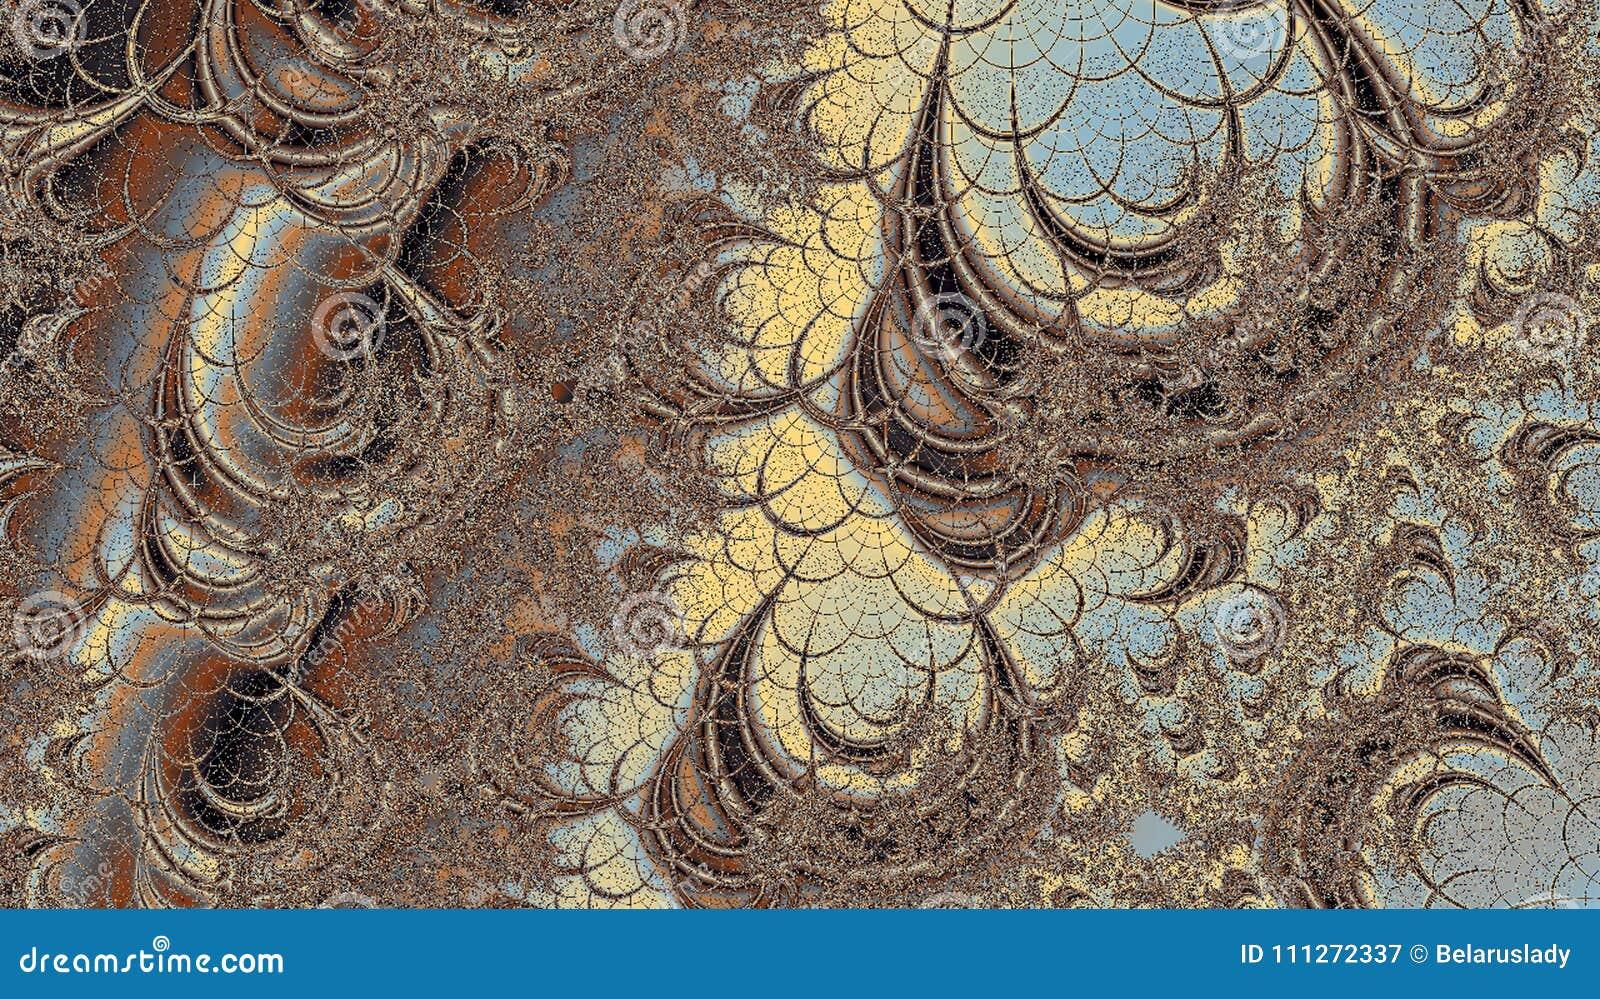 Abstrakt fractallabyrint i pastellblått, brunt och beigafärger